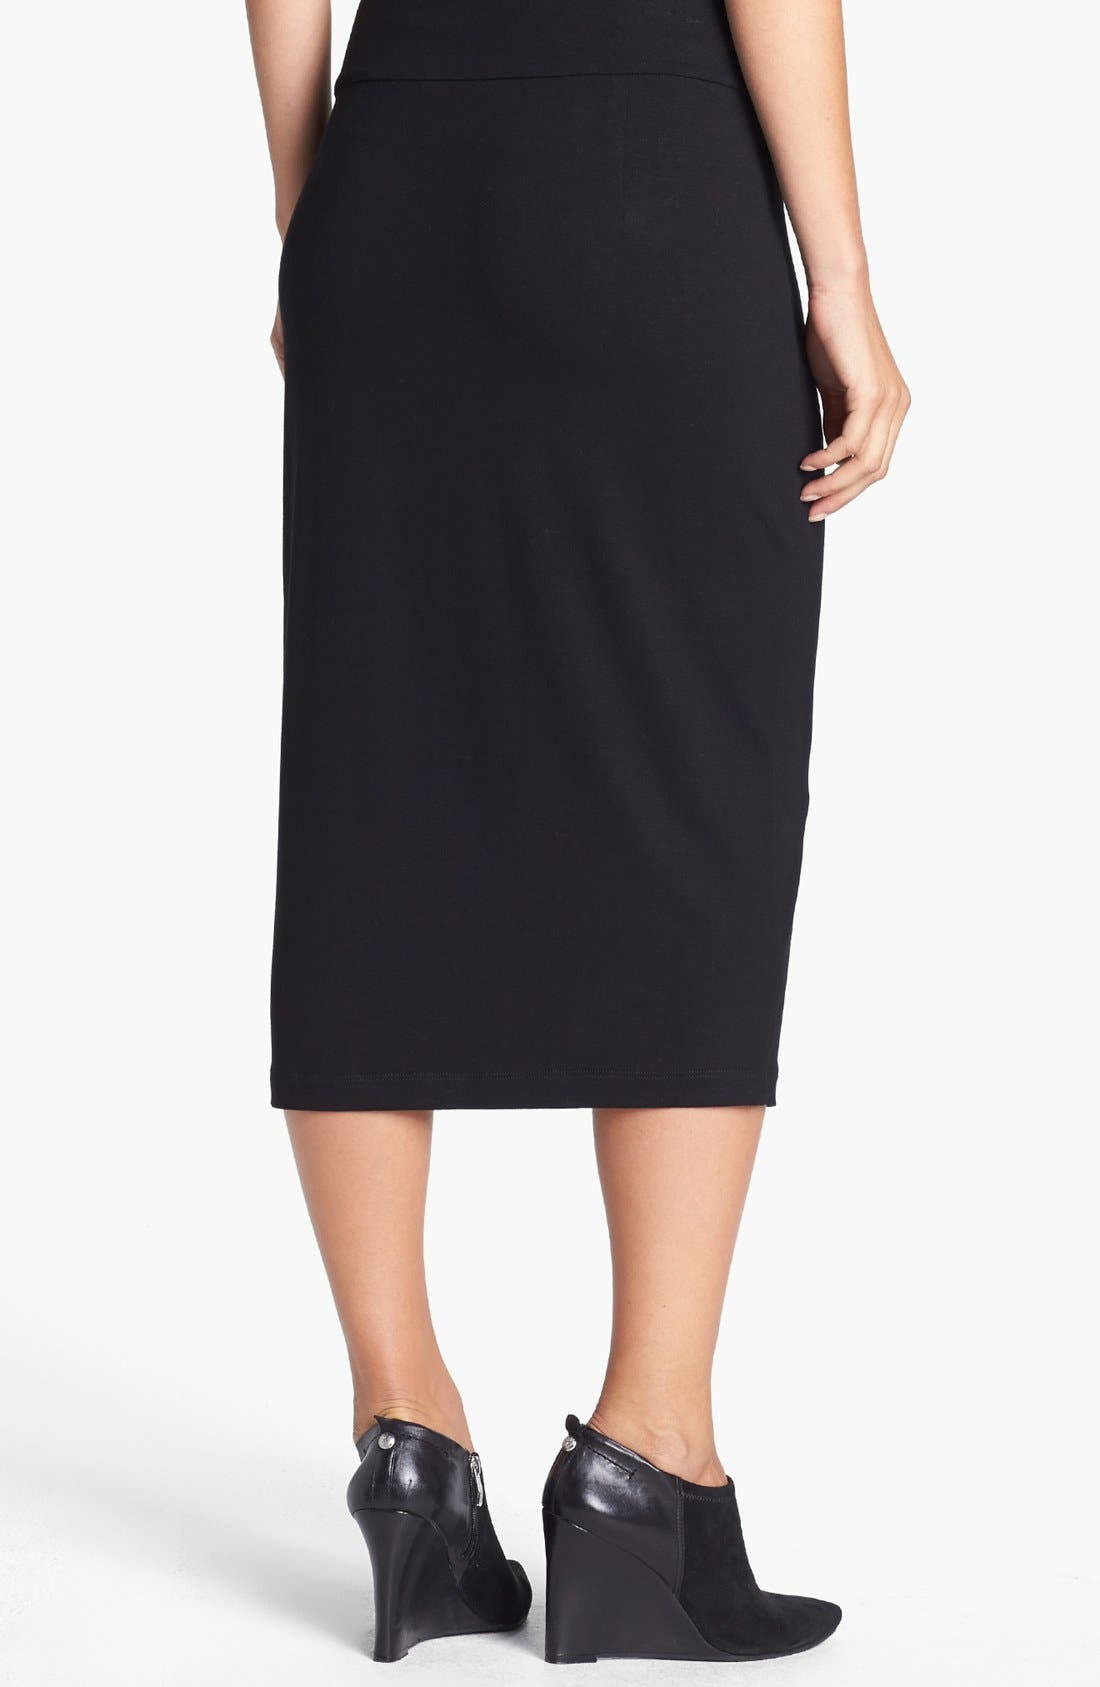 Alternate Image 2  - Eileen Fisher Foldover Waist Straight Skirt (Regular & Petite)